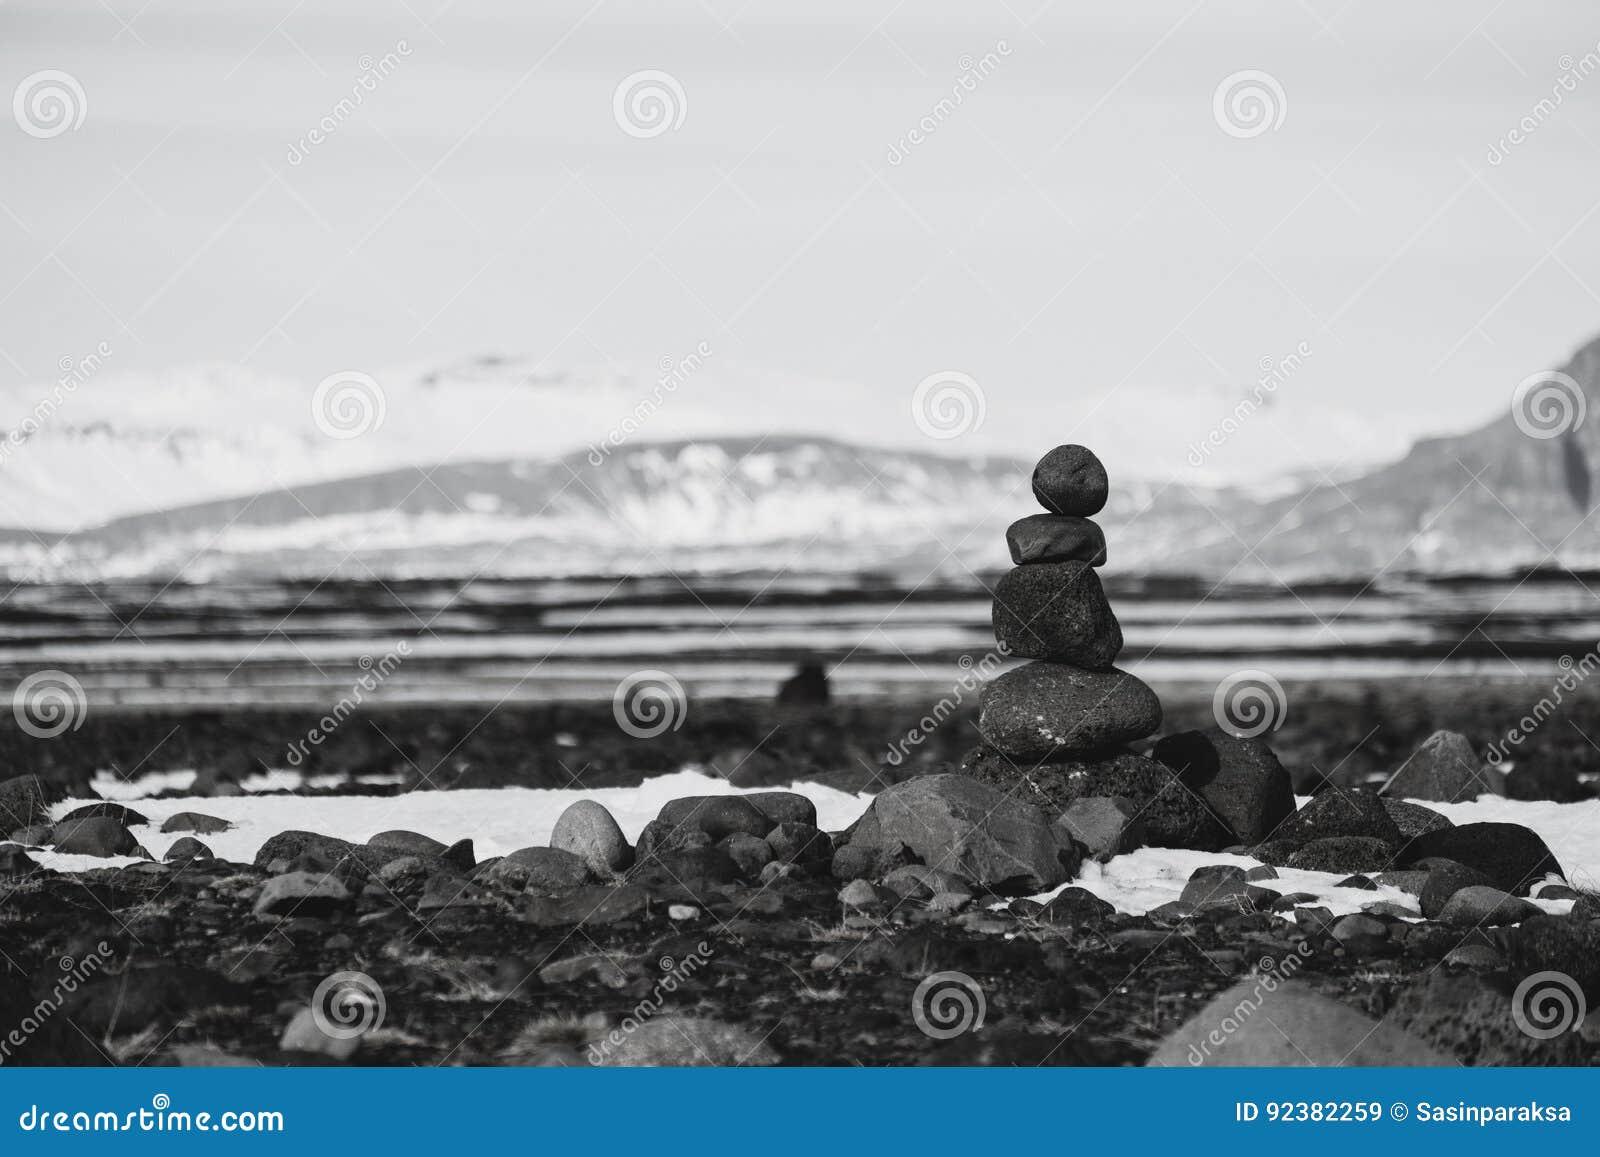 Equilibre pedras, pedra empilhada, preto e branco do zen tonificado